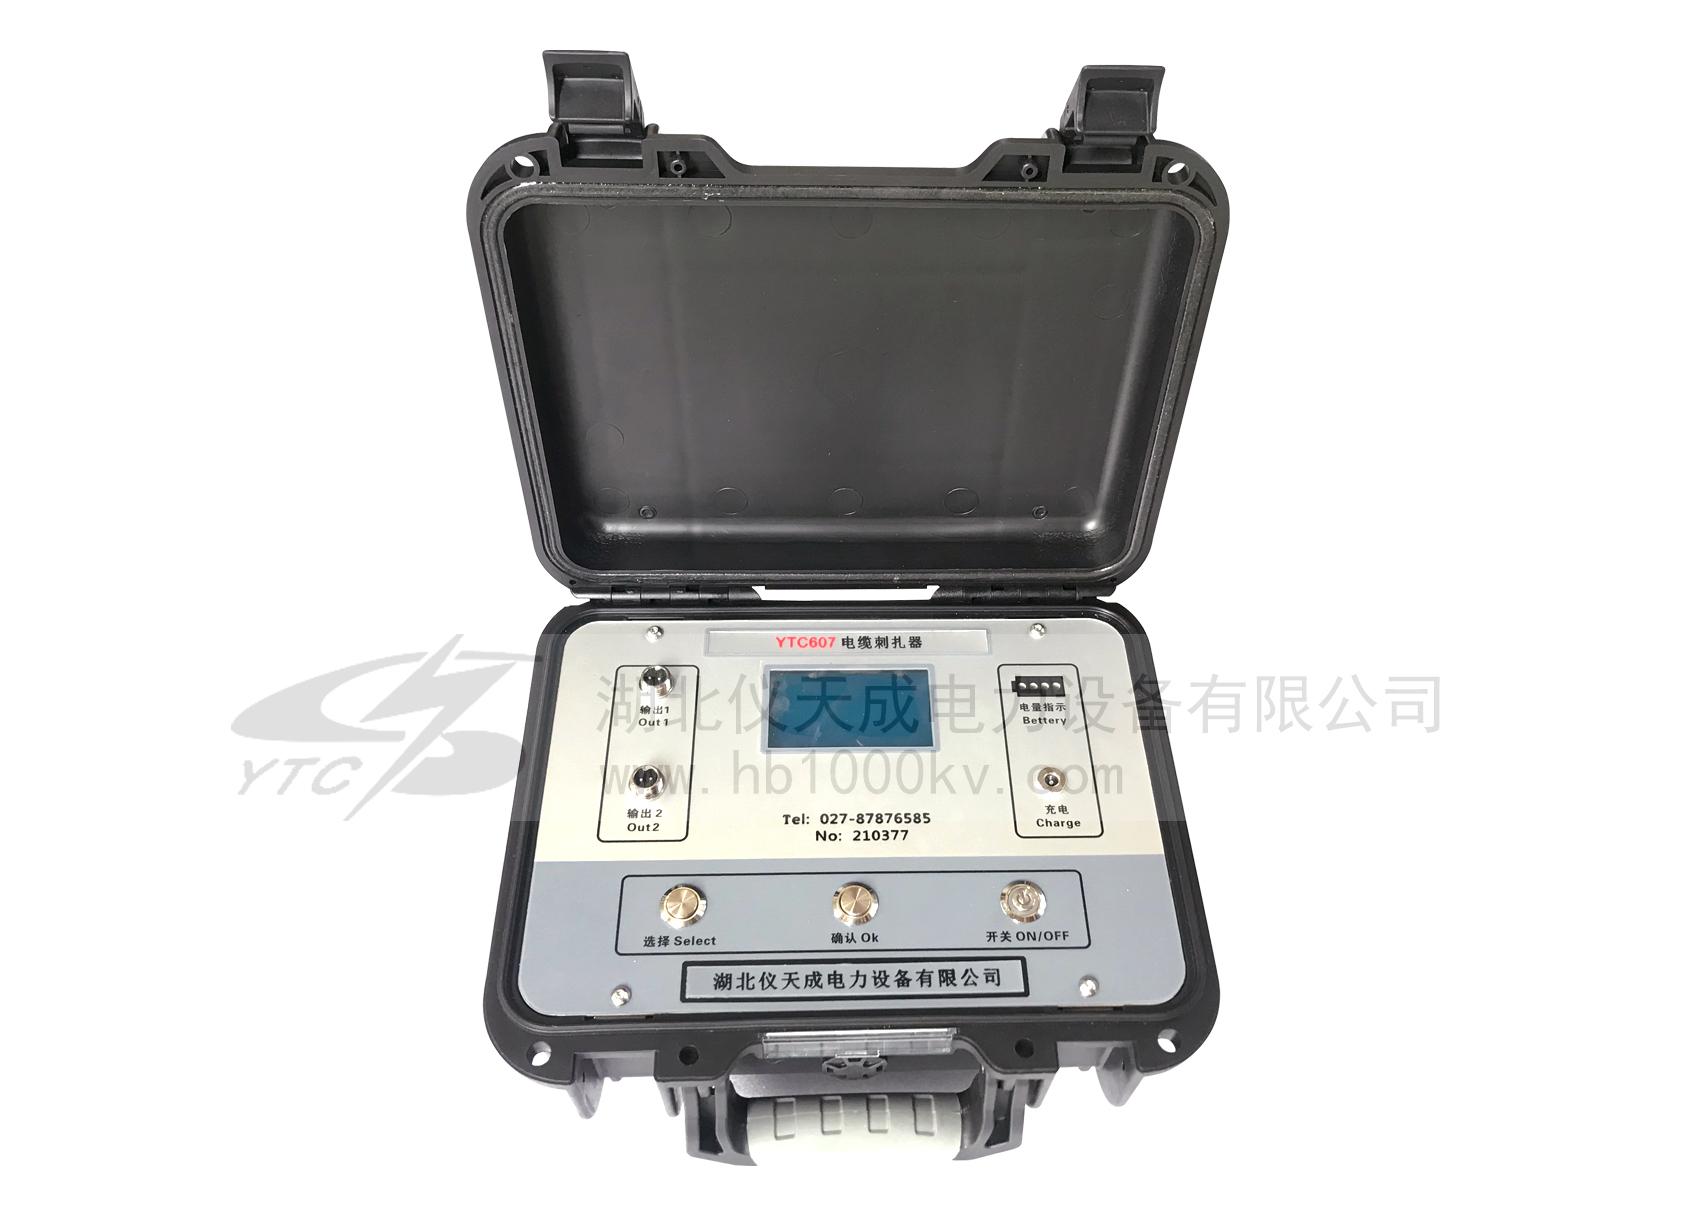 YTC607电缆刺扎器主机